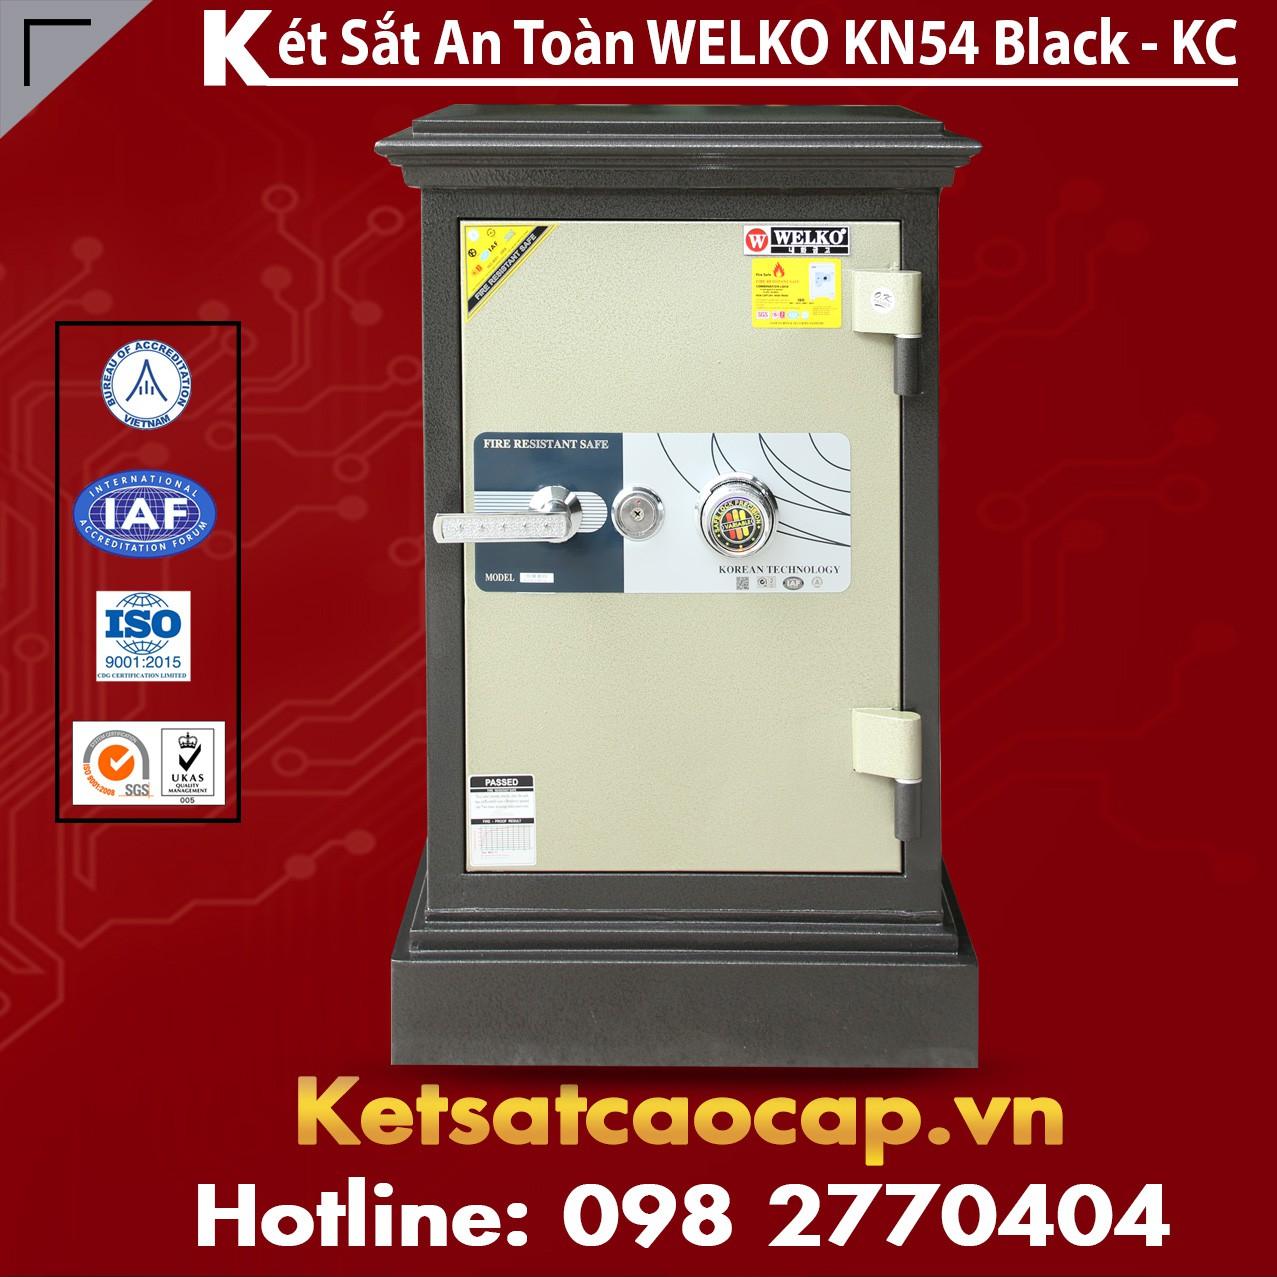 Két Sắt Khoá Cơ WELKO KN54 Black - KC